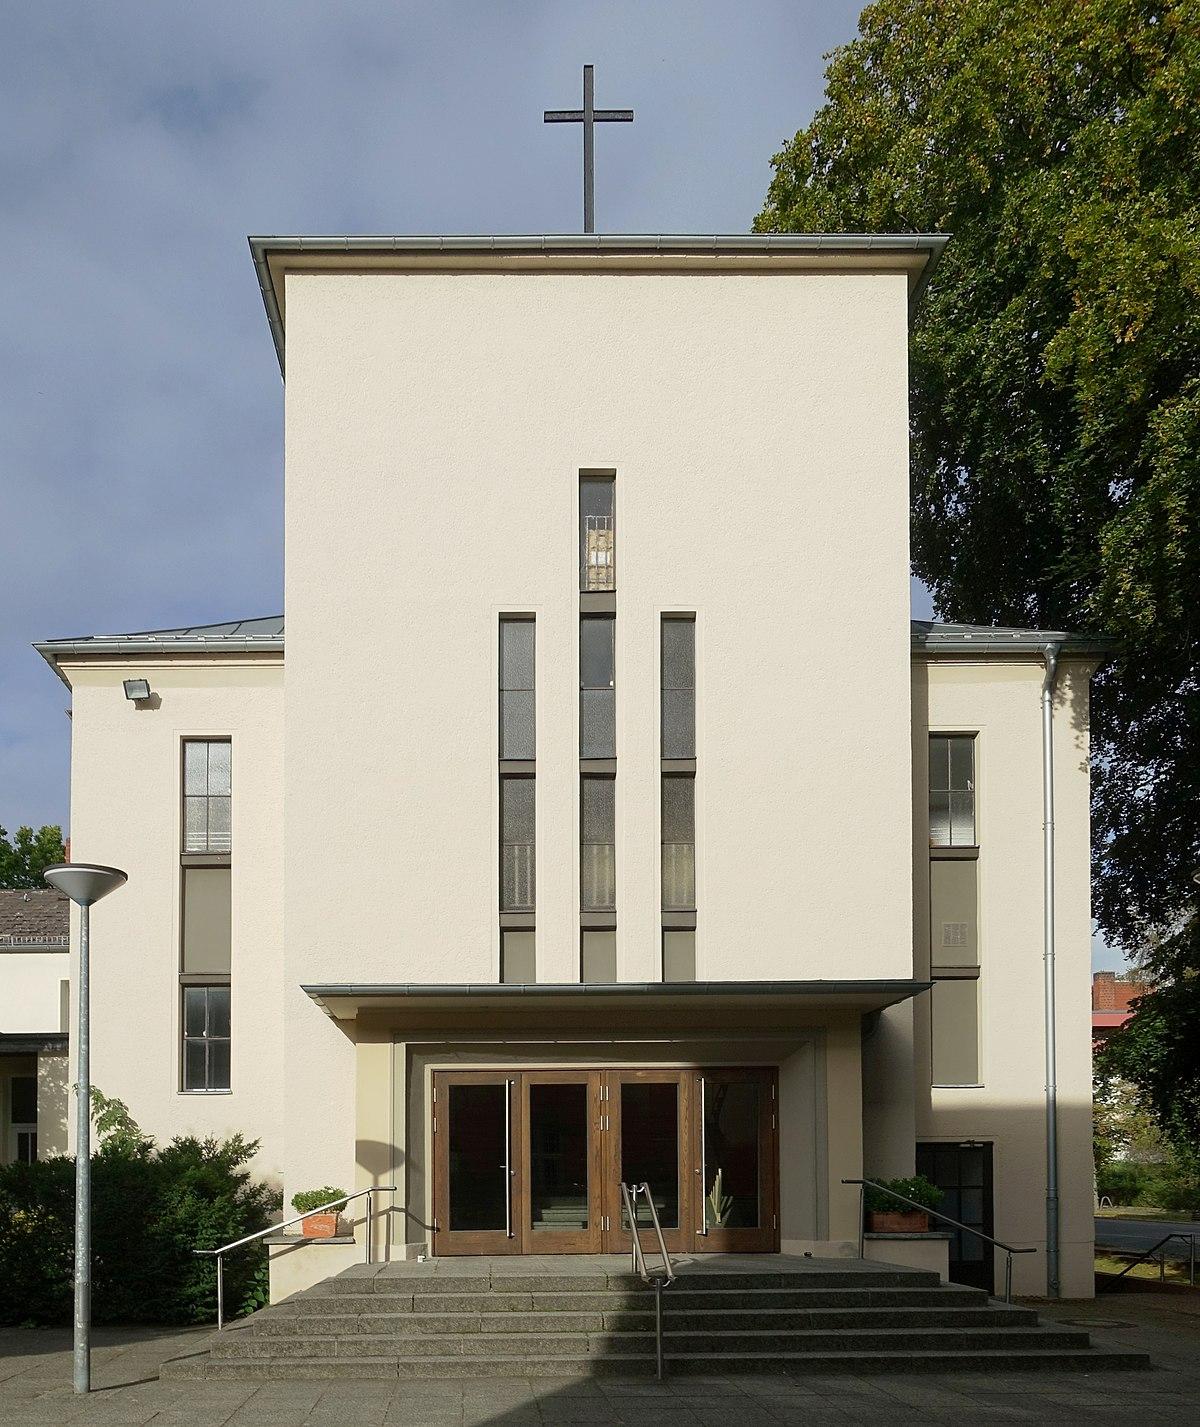 Stadtbücherei Berlin Steglitz